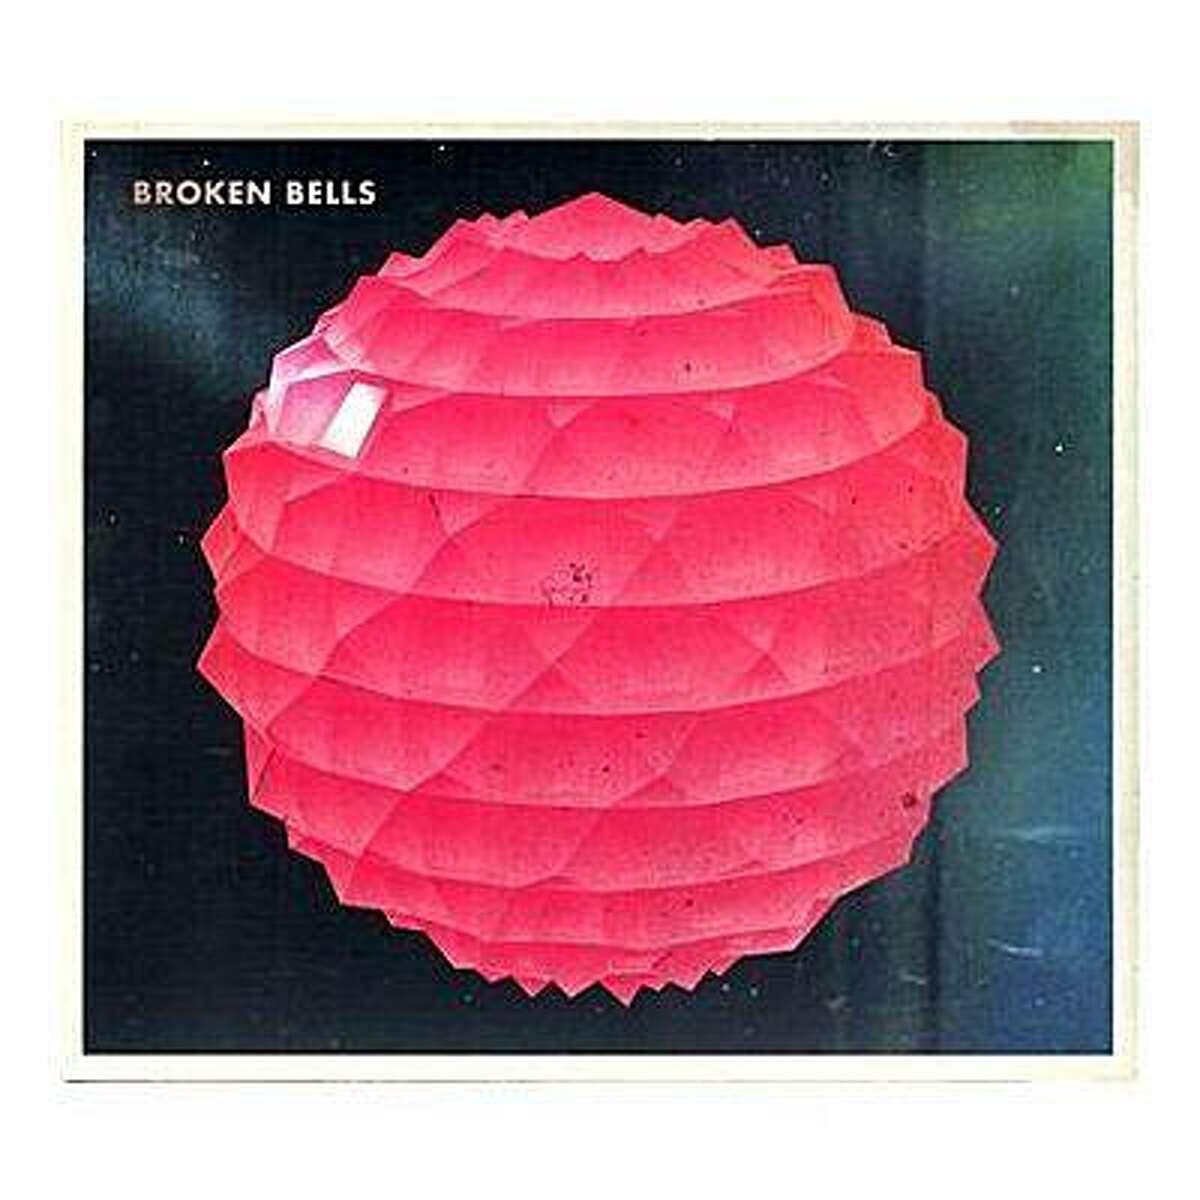 Broken Bells CD cover